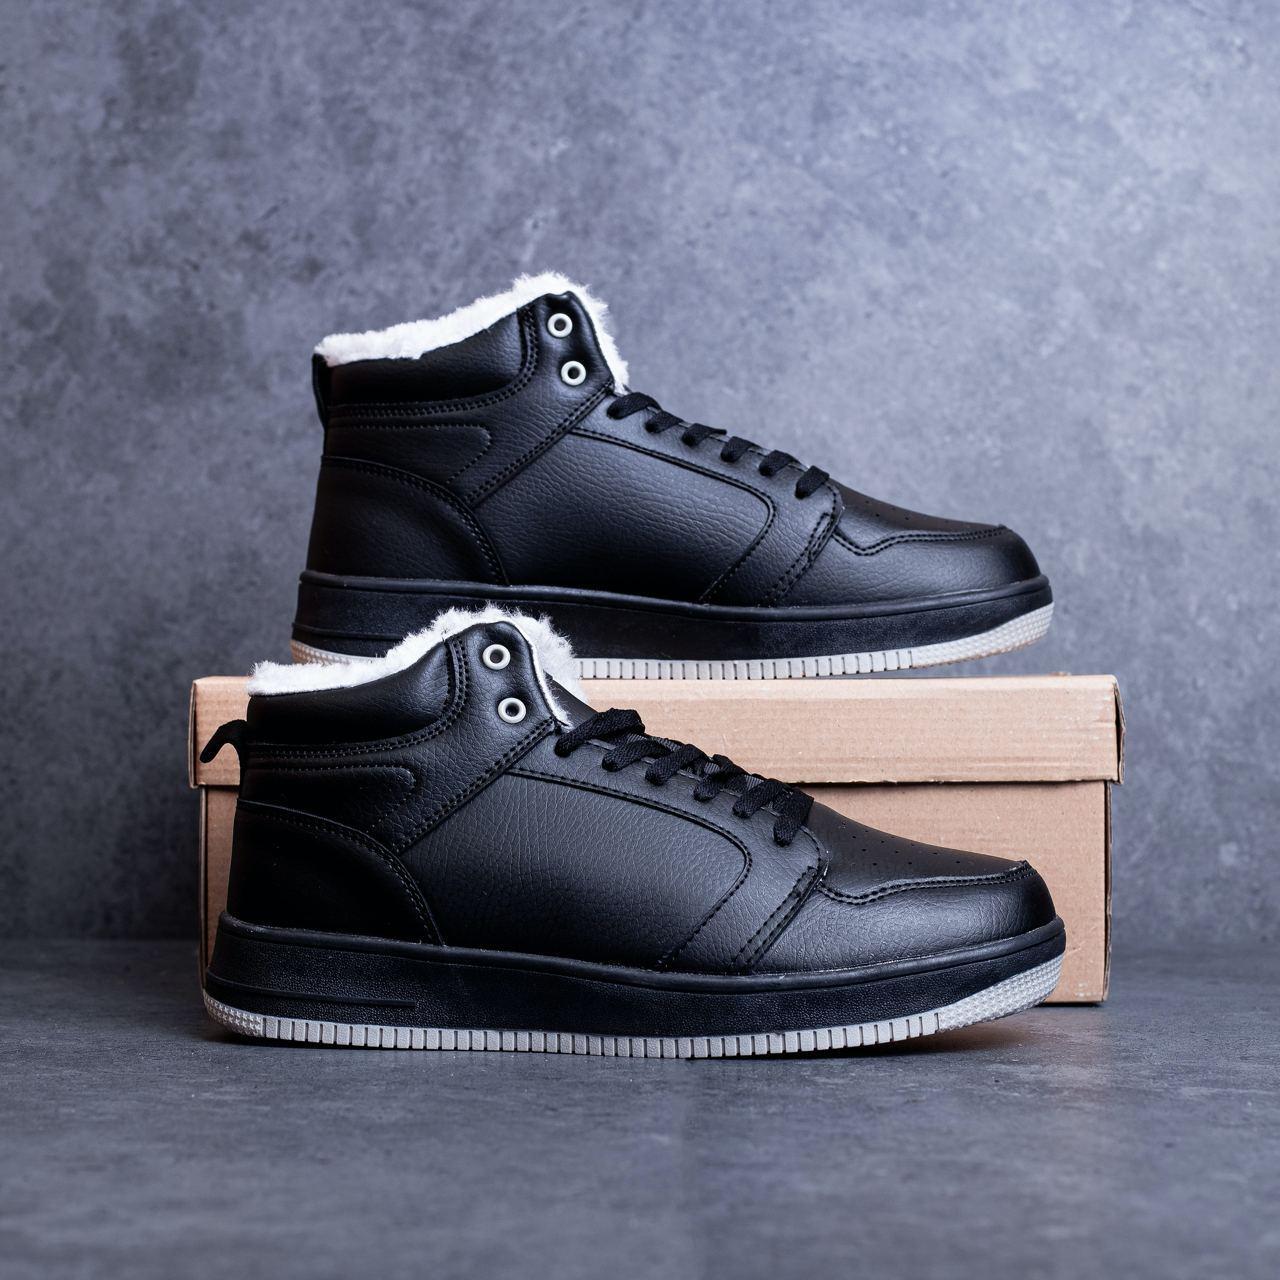 Мужские ботинки Стилли форс хай Pobedov (черные) 41